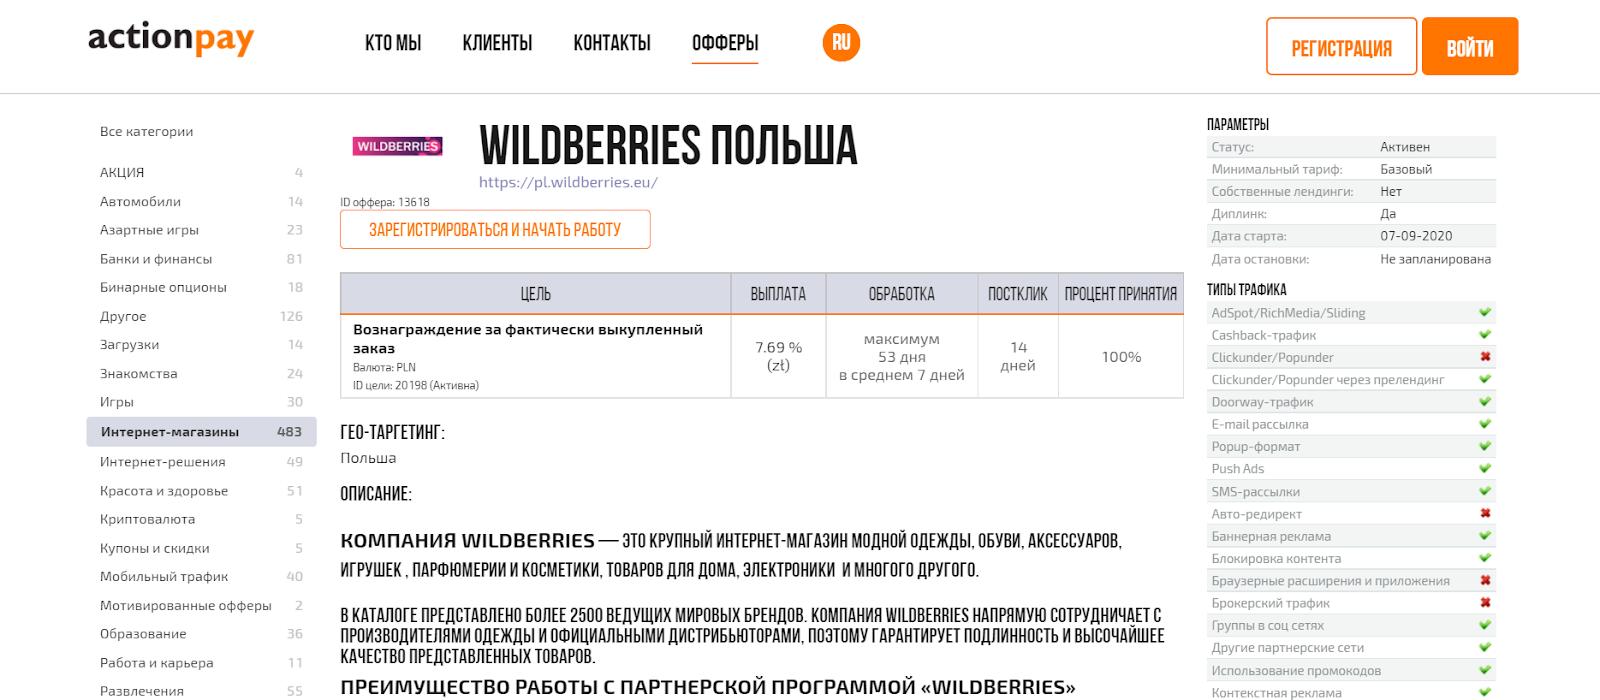 Как арбитражникам зарабатывать на маркетплейсах Wildberries и OZON, и можно ли